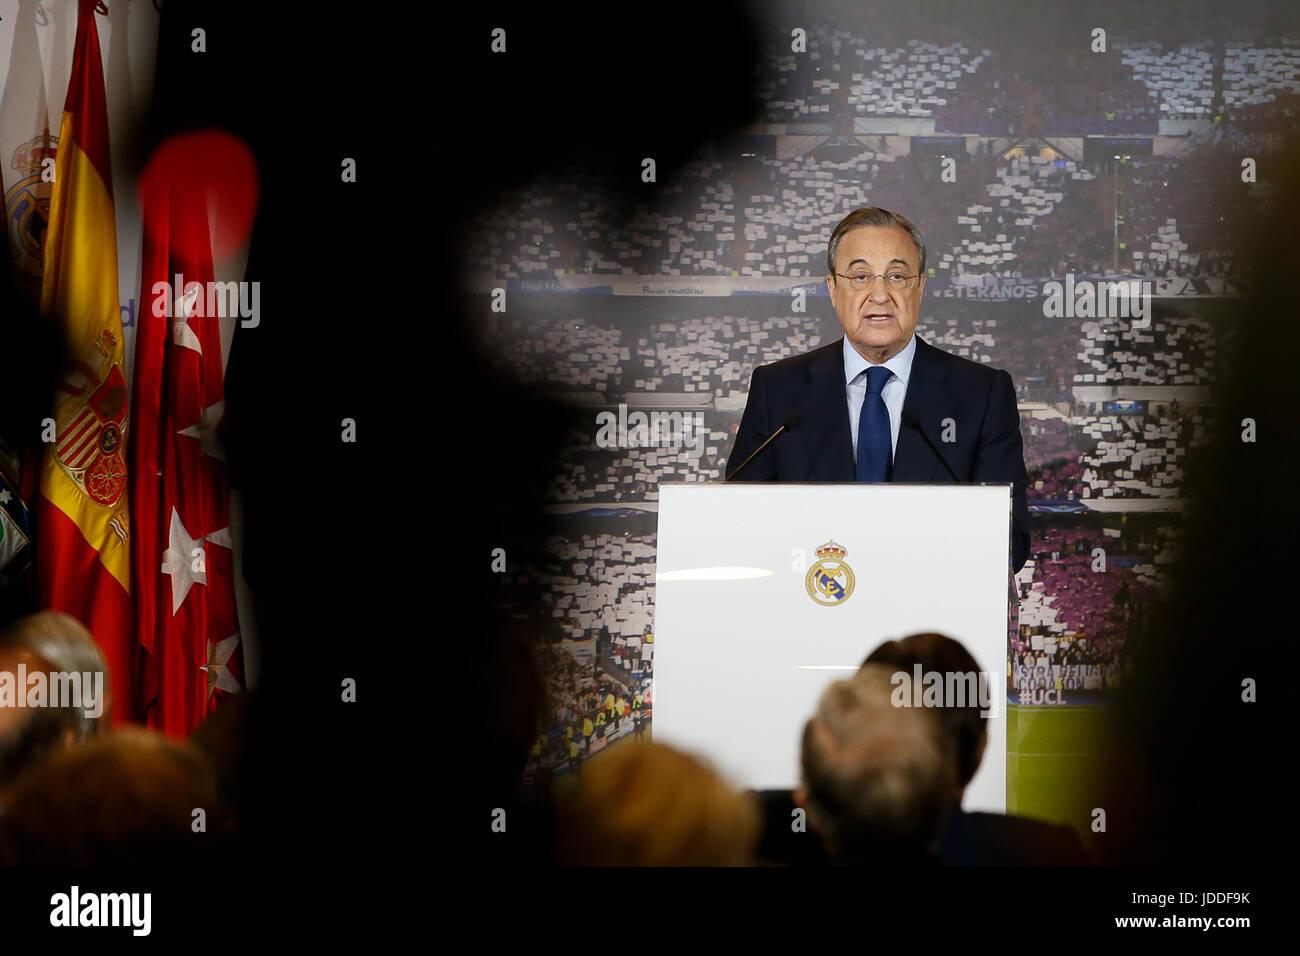 Florentino Pérez durante es la reelección como presidente del Real Madrid Club de fútbol en el estadio Imagen De Stock